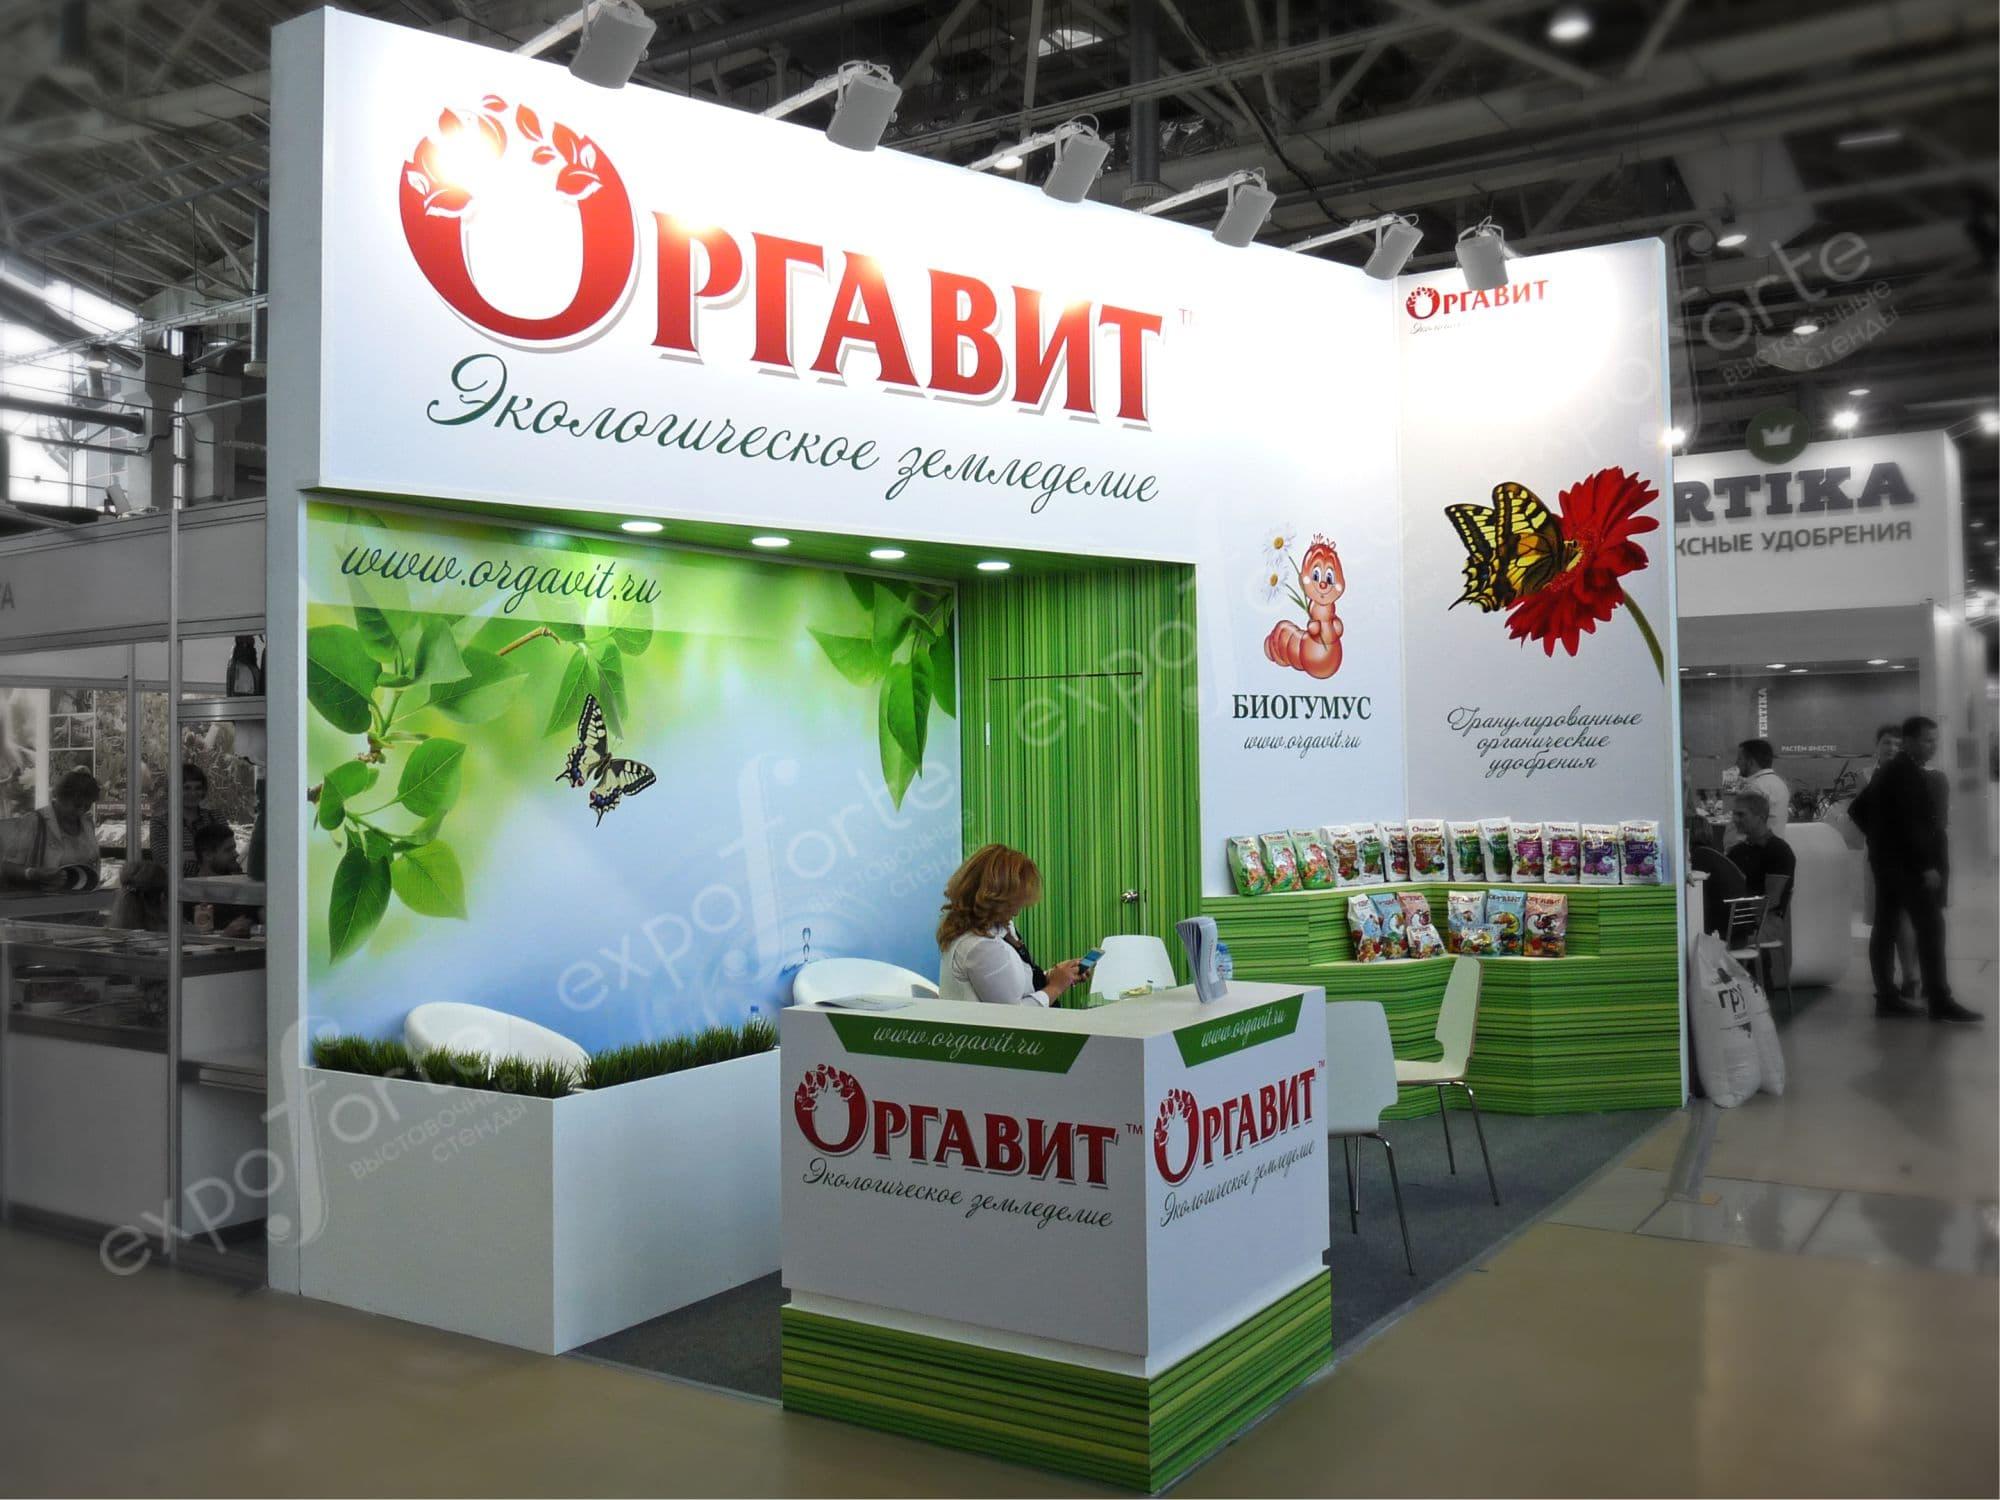 Фото: ОРГАВИТ, выставка ЦВЕТЫ – картинка 1